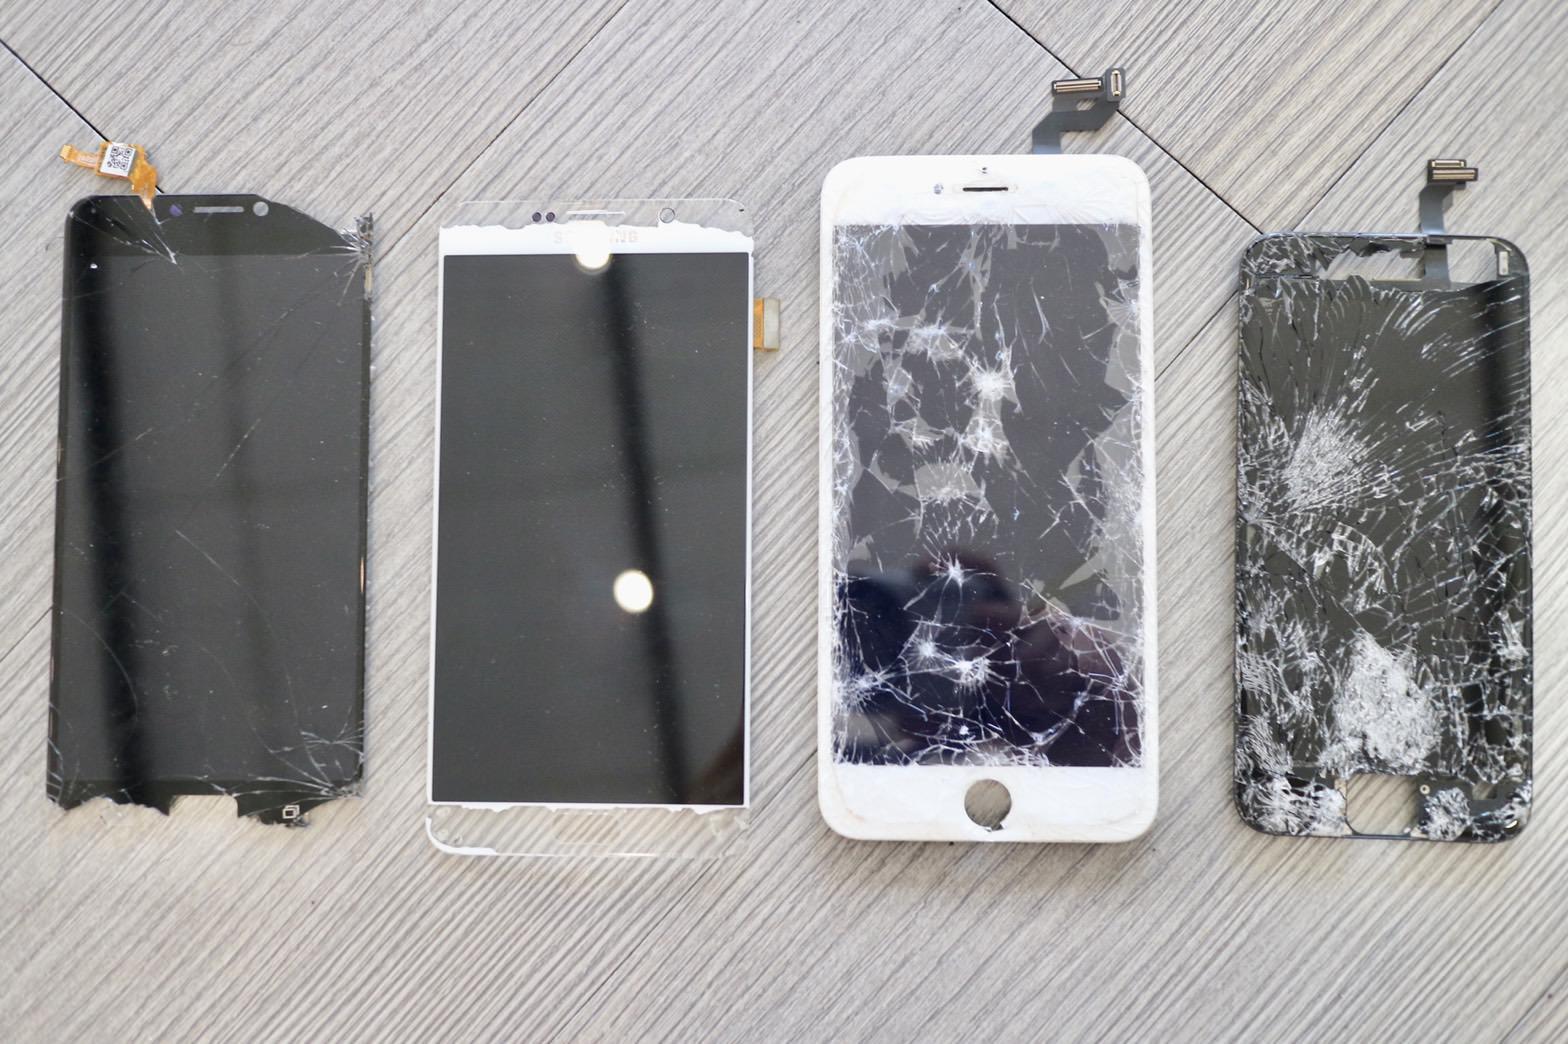 換螢幕推薦,IPHONE換電池